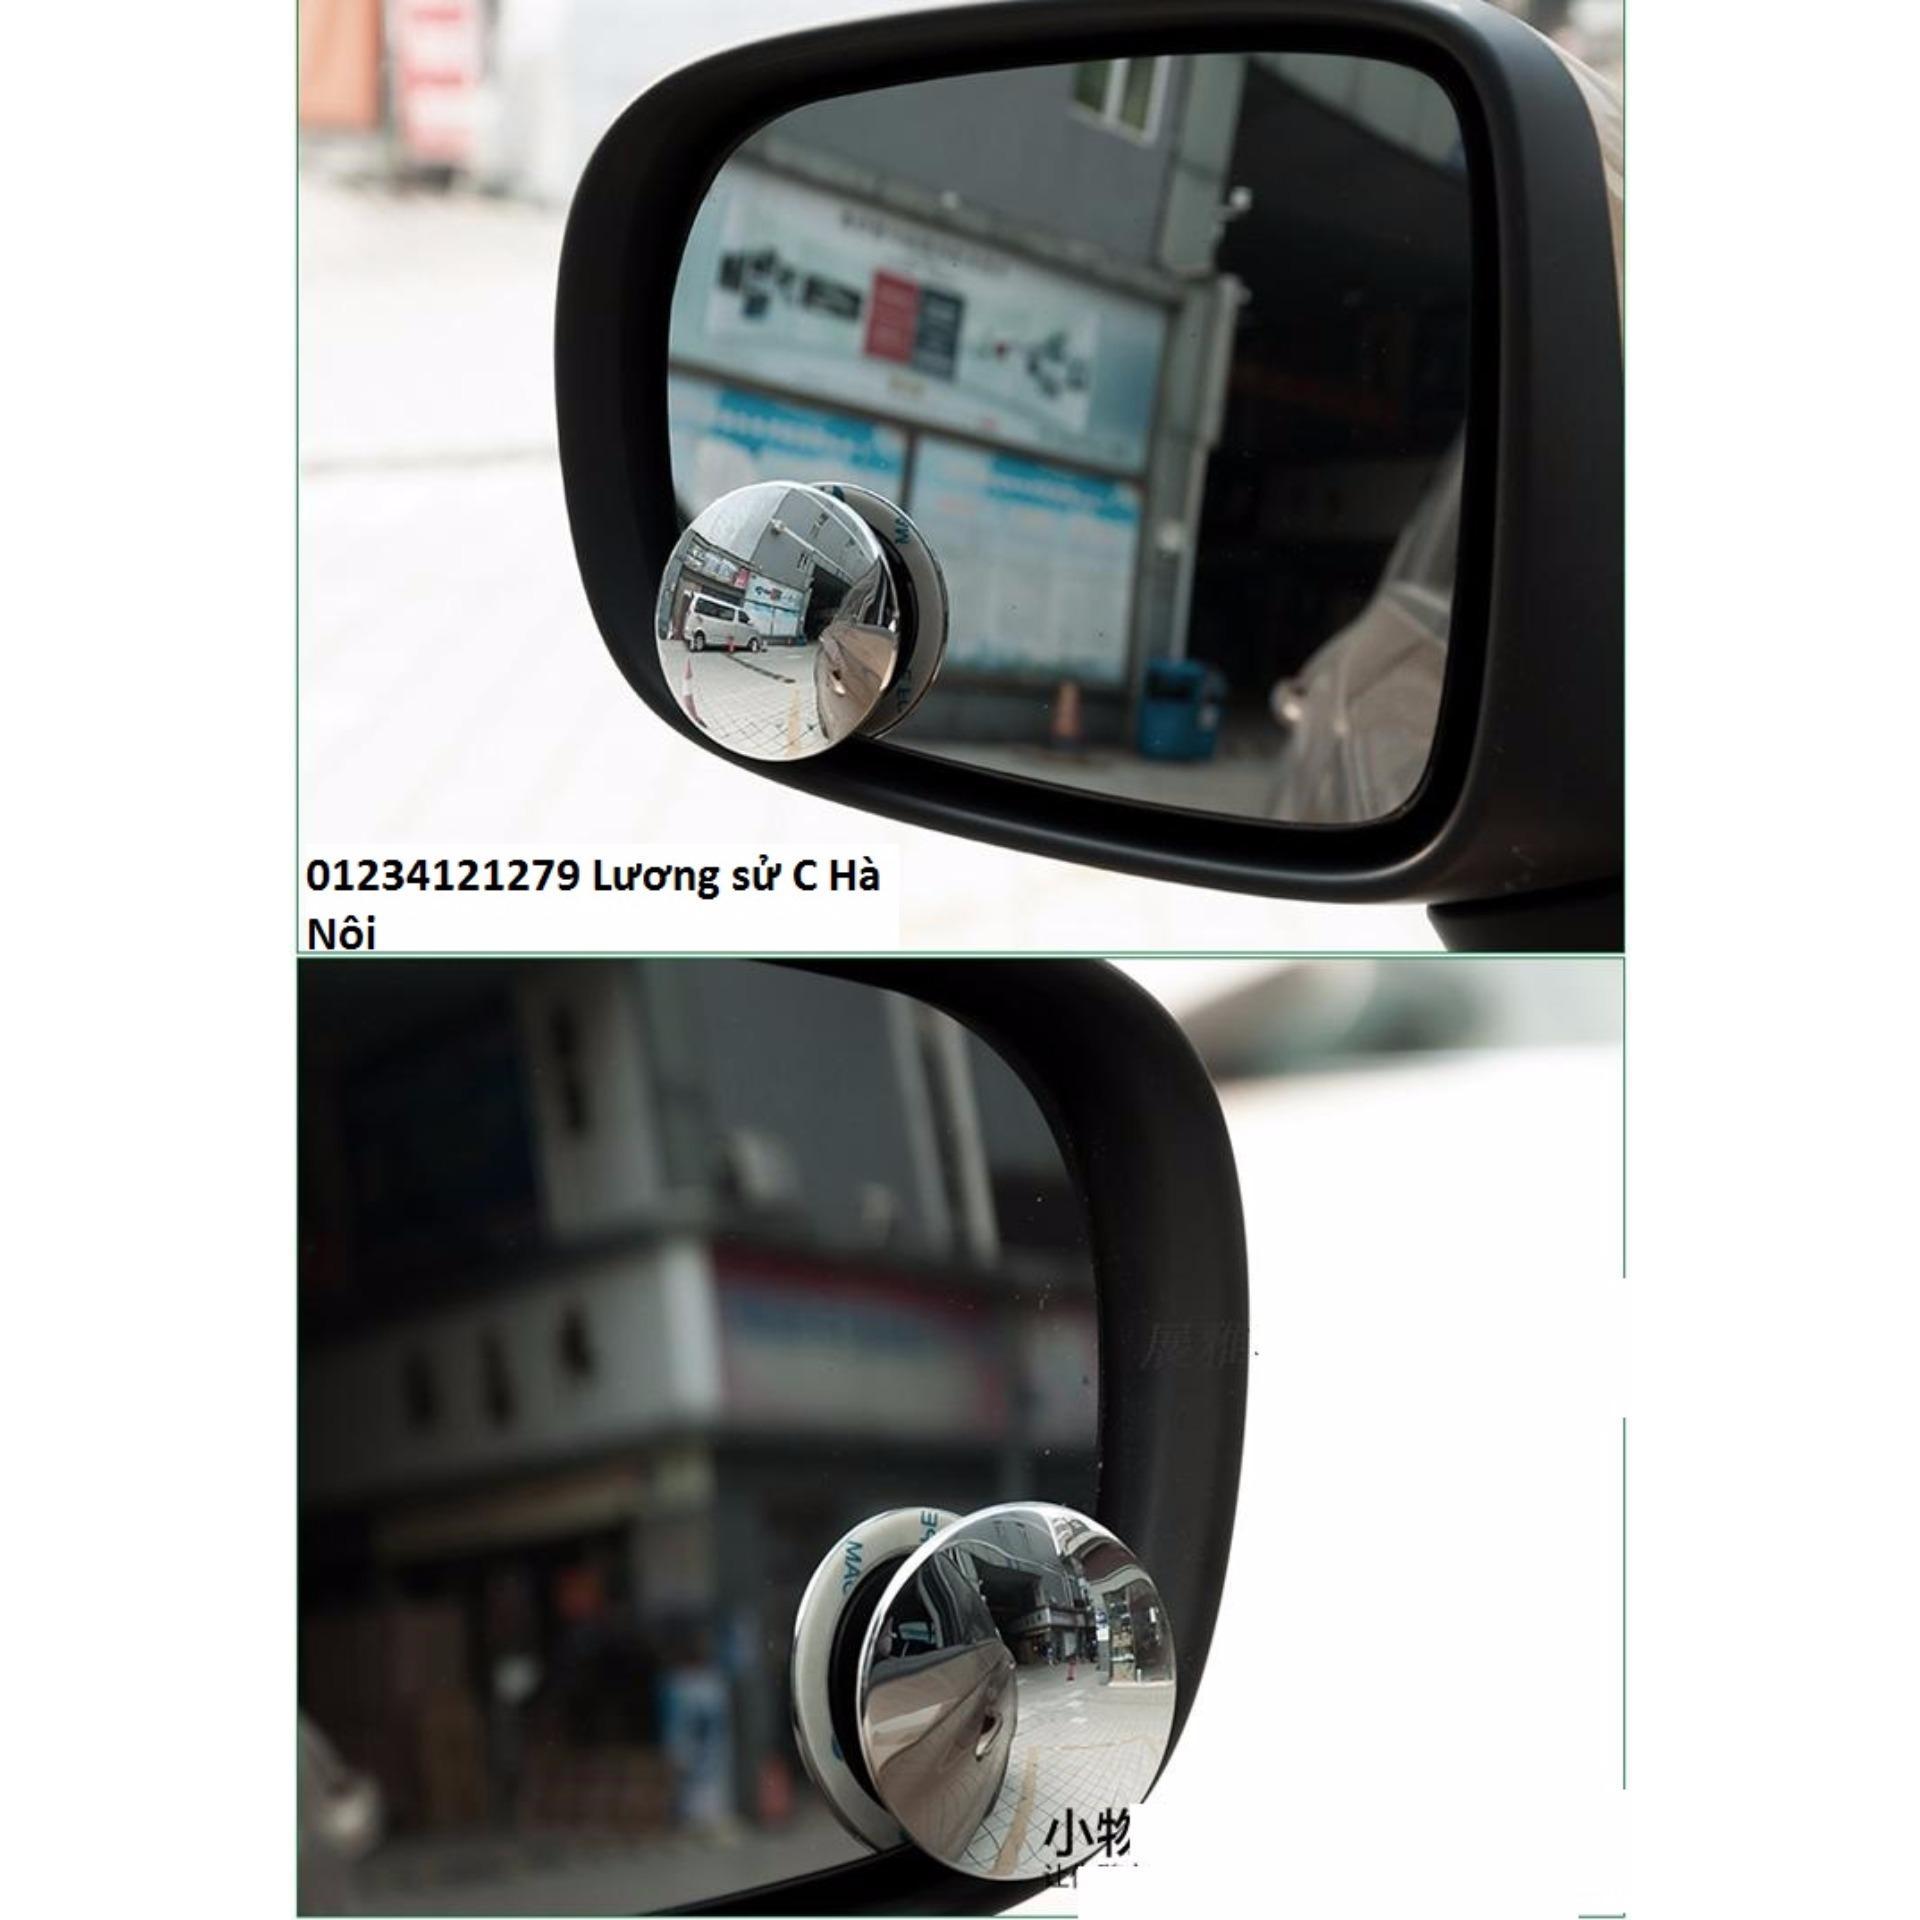 ... Bộ 2 gương cầu lồi chiếu hậu xóa điểm mù xe hơi 360 độ ...